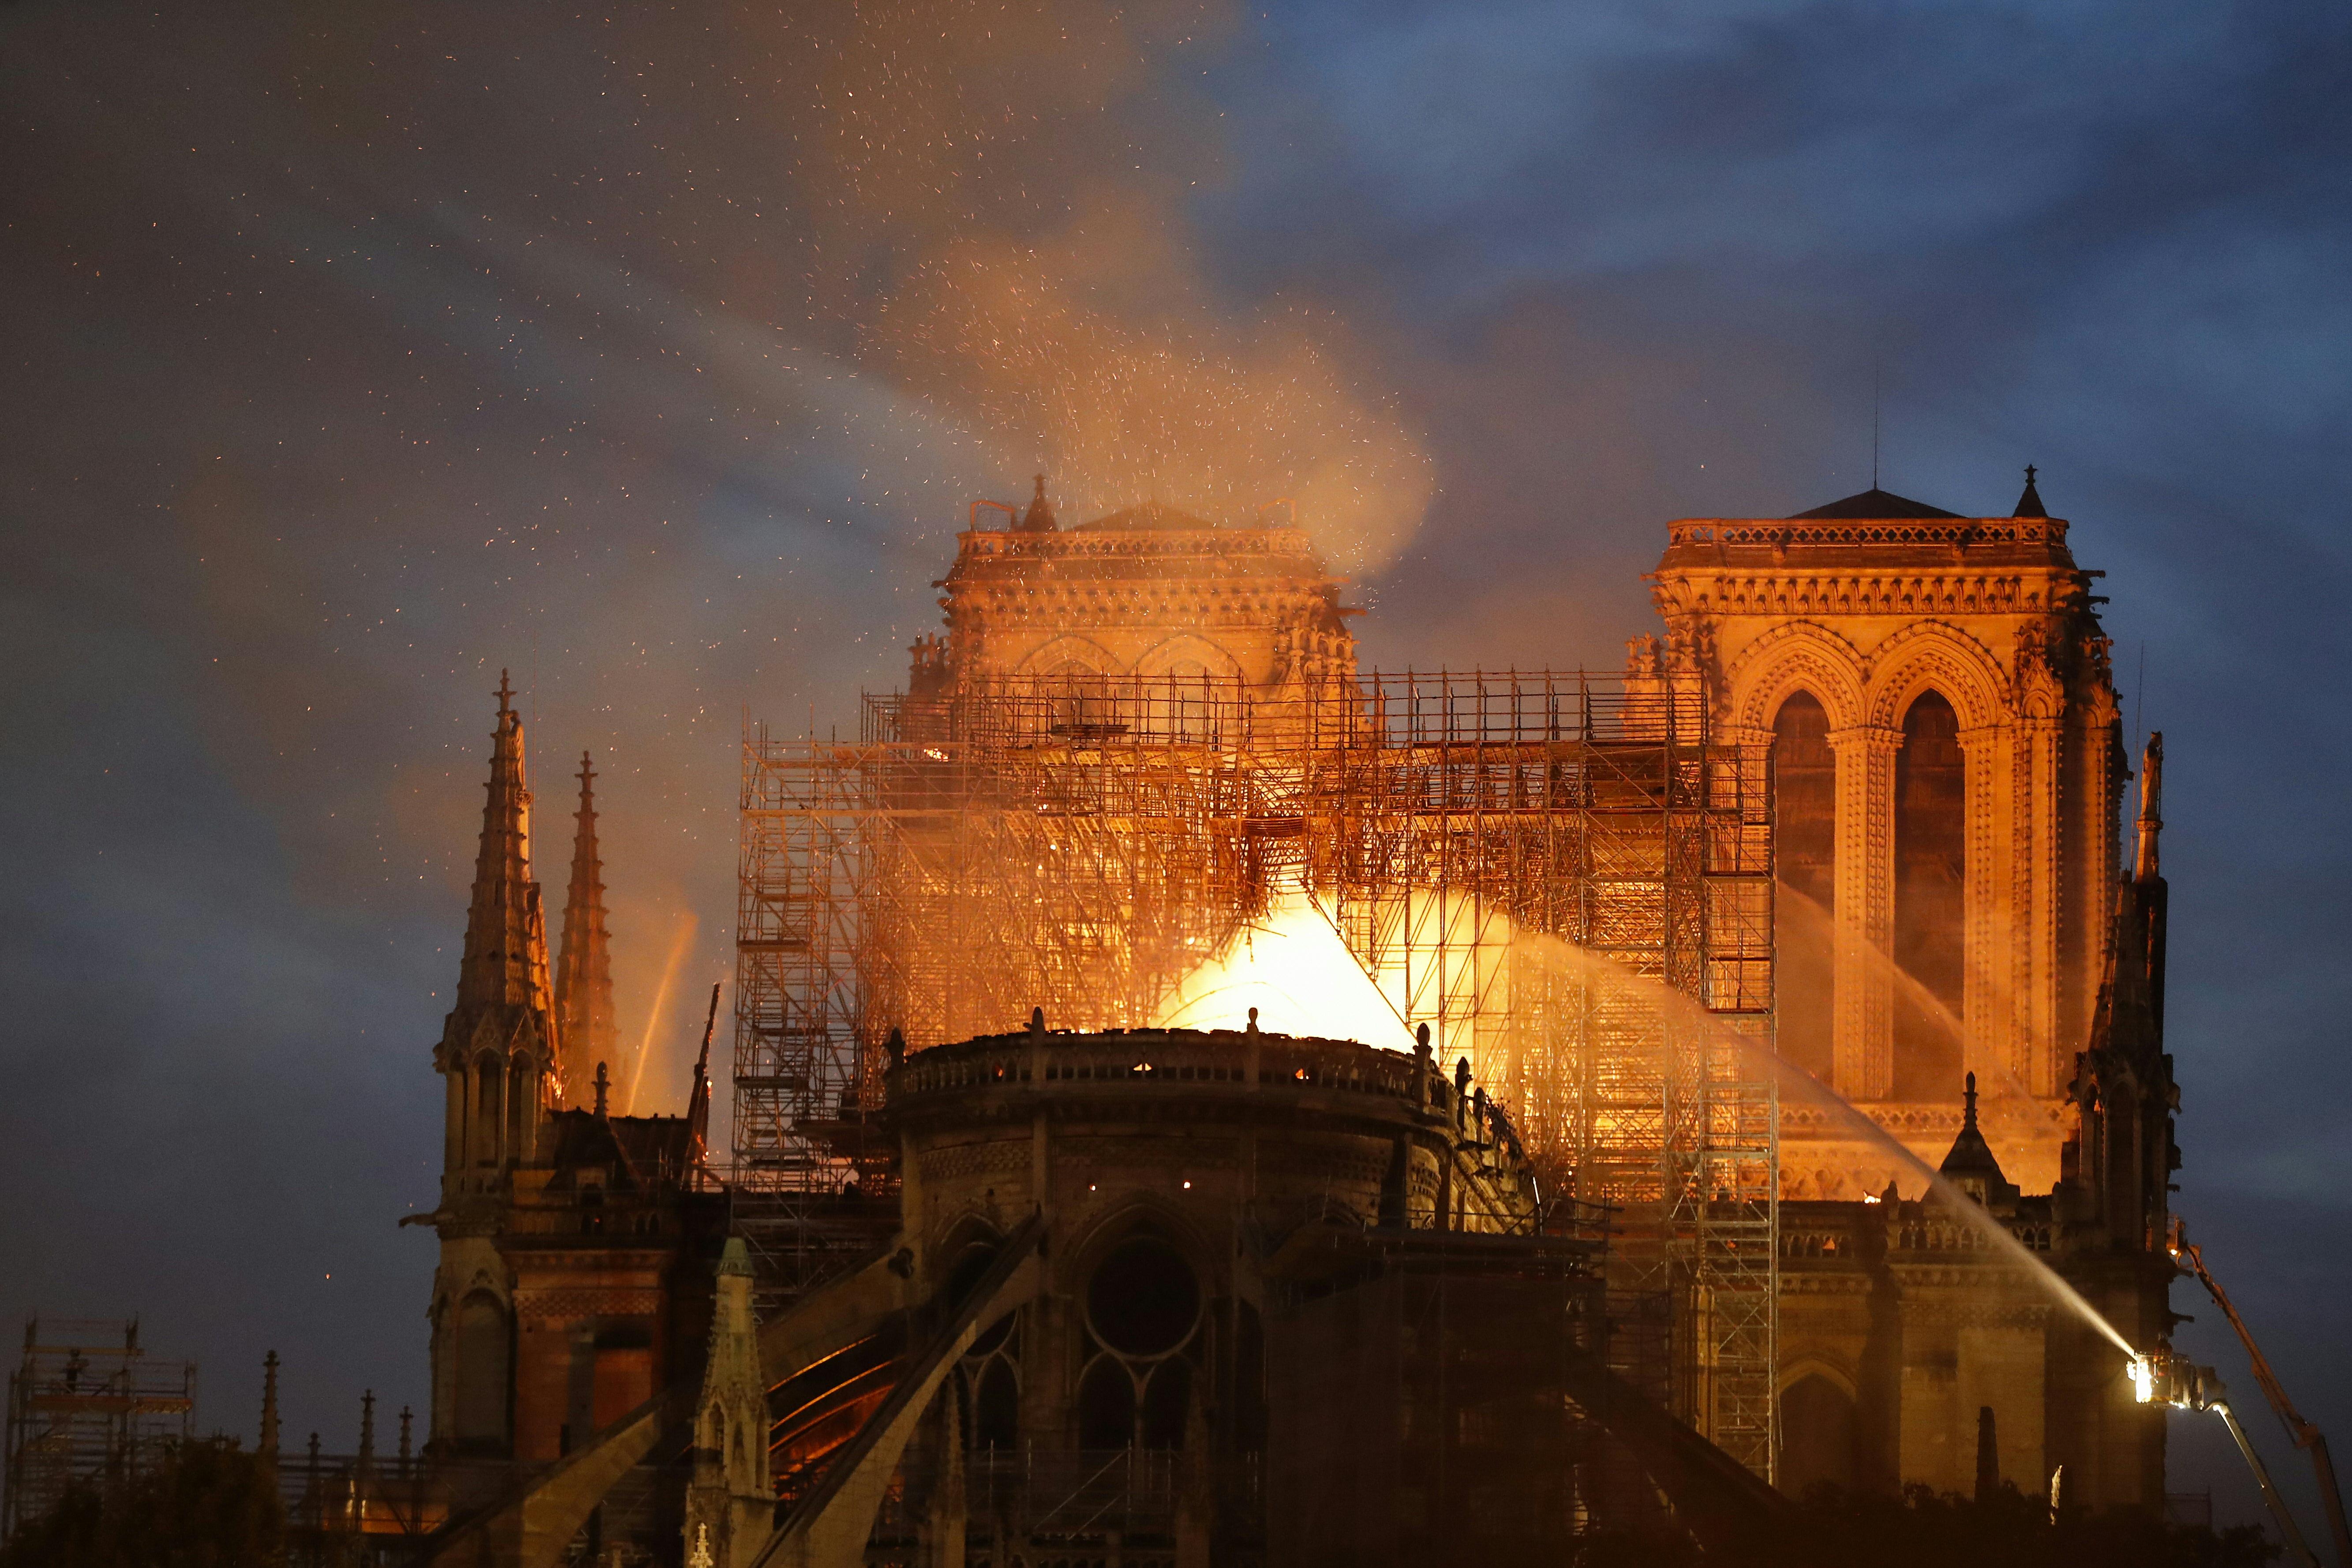 أثناء عملية إطفاء كاتدرائية نوتر دام - 15 نيسان/أبريل 2019